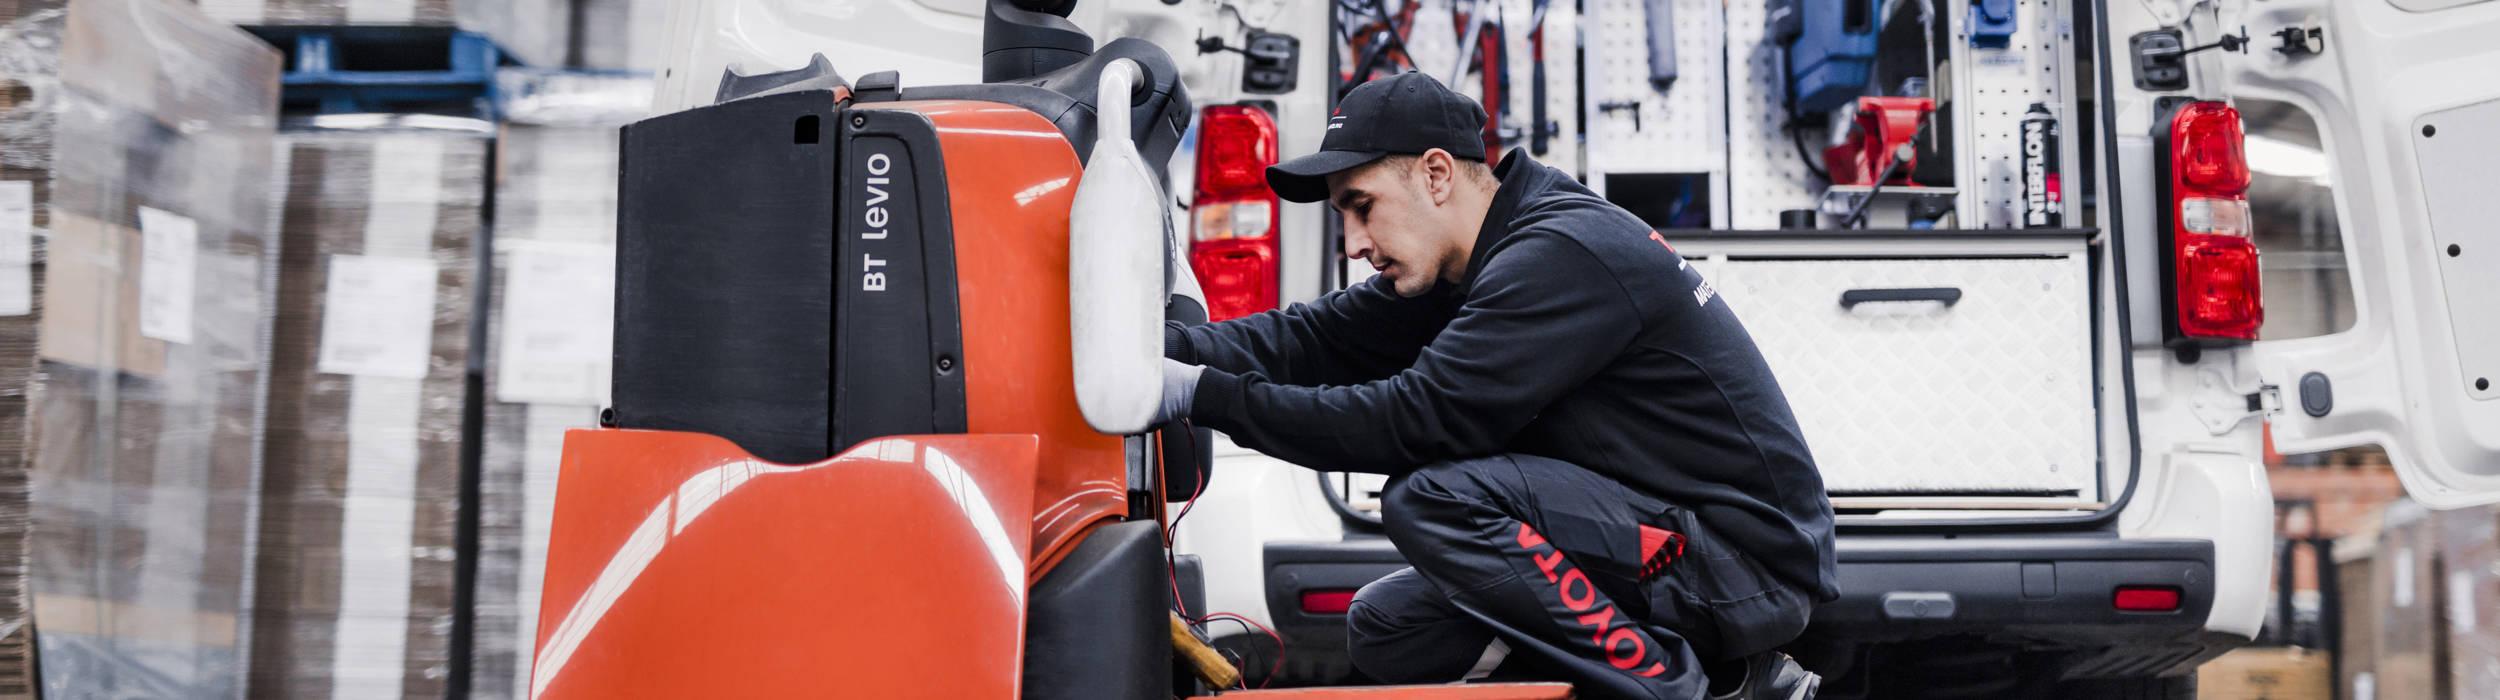 Servisný technik z Toyoty kontroluje a opravuje vozík BT Levio